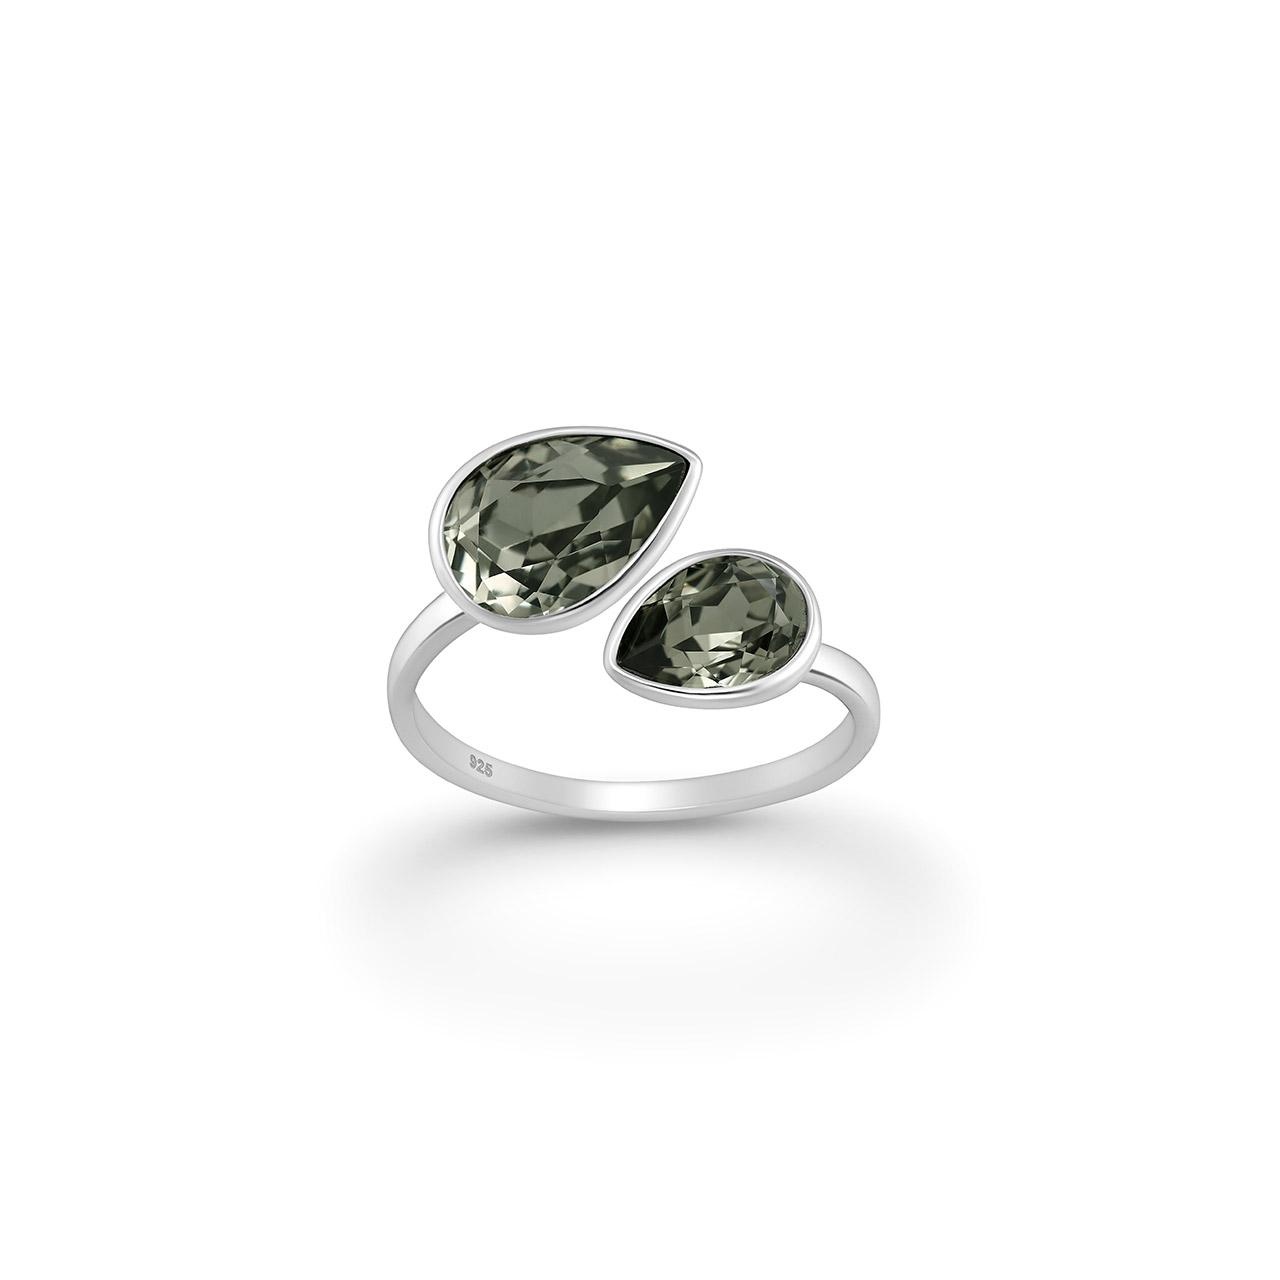 Δαχτυλίδι σε Επιροδιωμένο Ασήμι και Swarovski